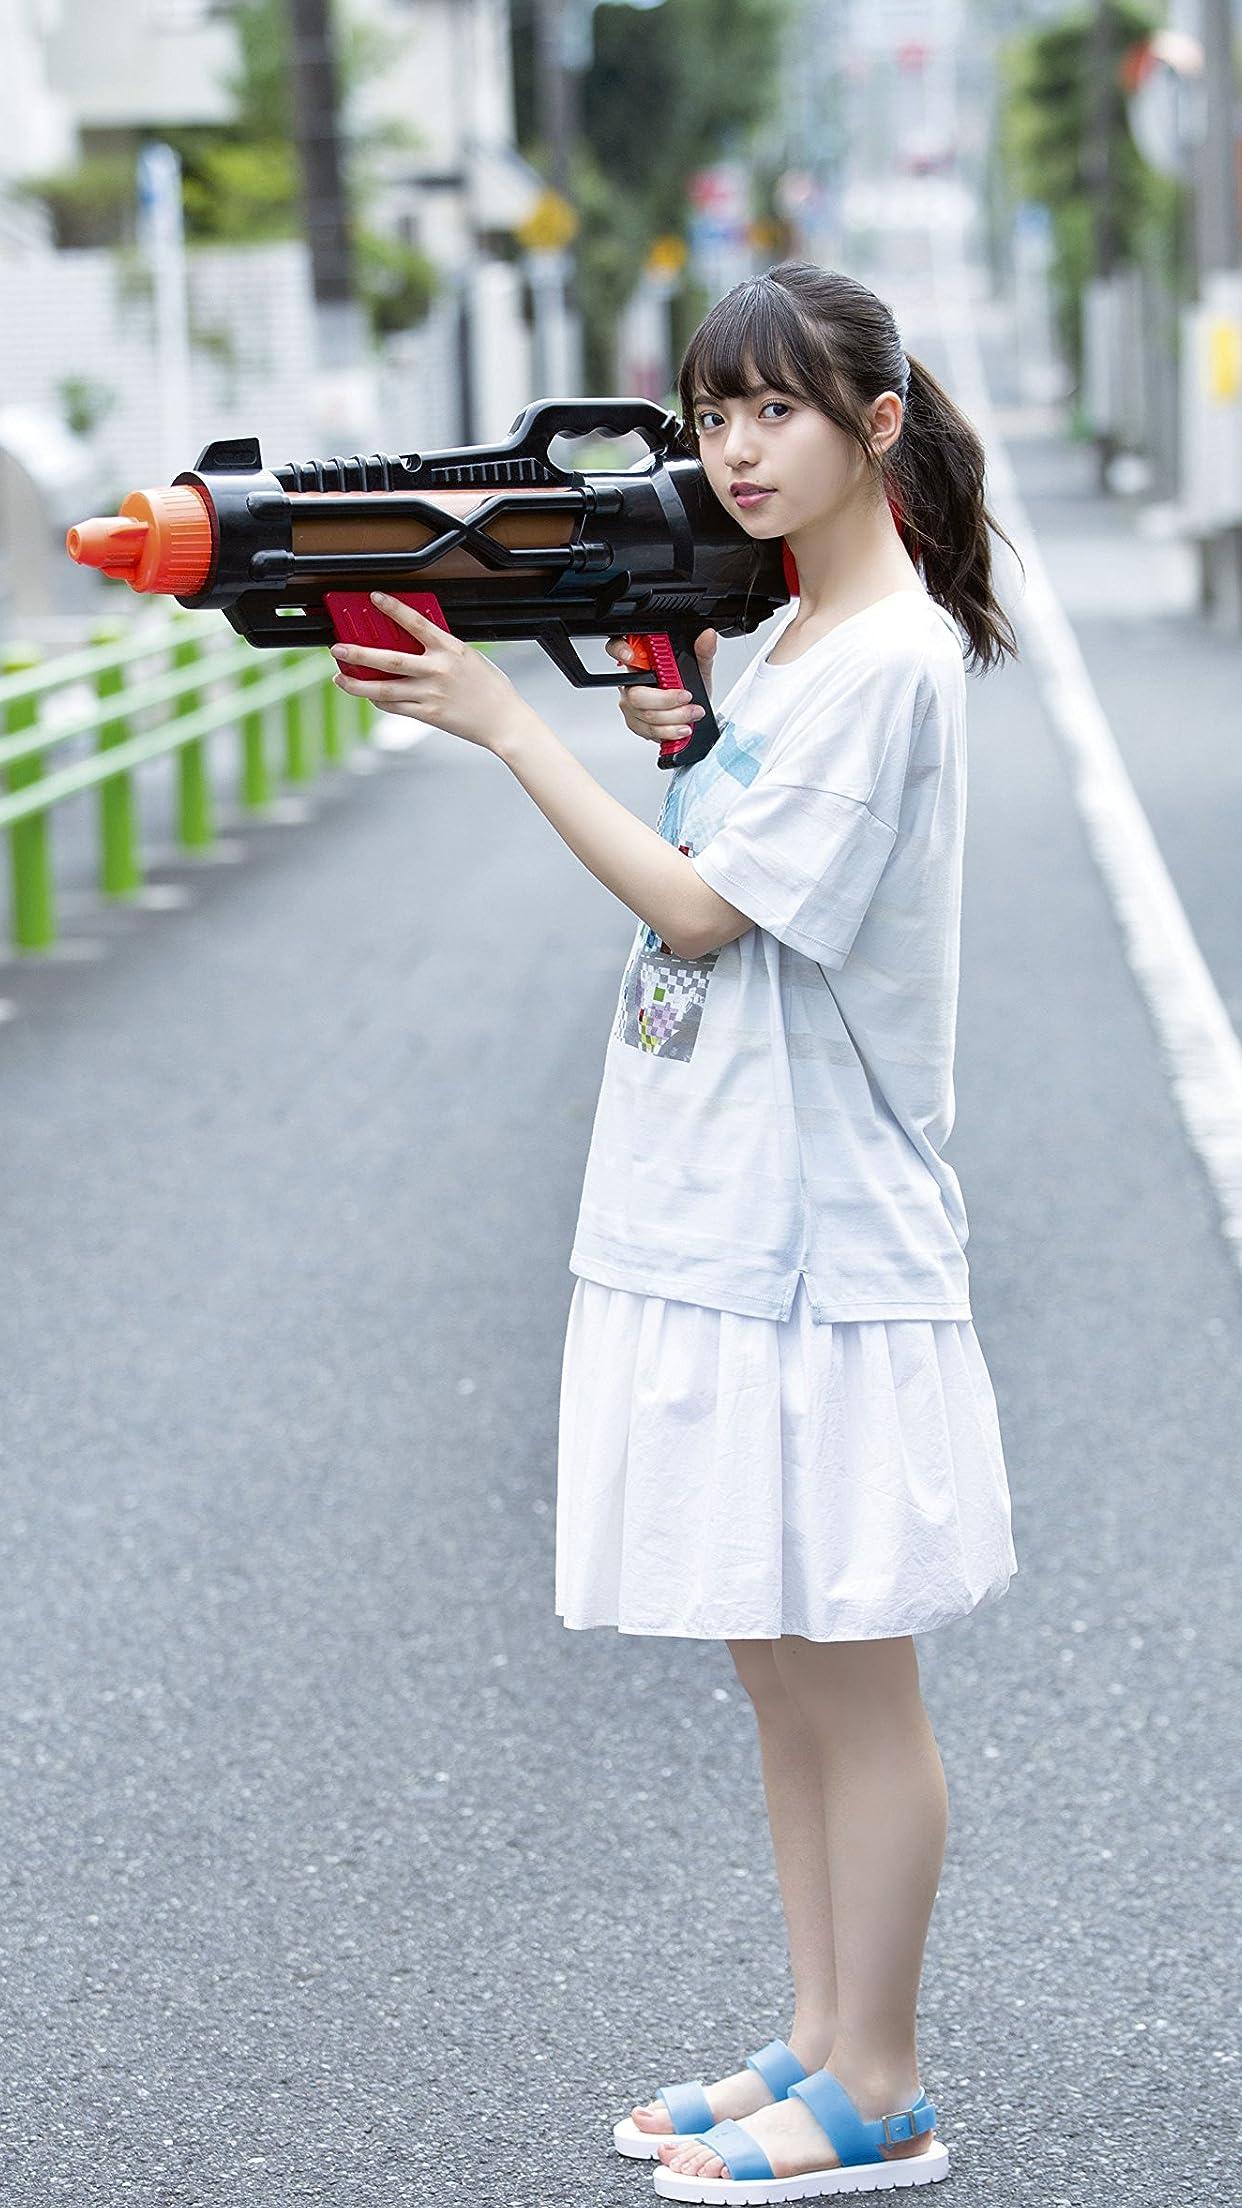 乃木坂46 齋藤飛鳥 路上で大きな水鉄砲を構える iPhone8,7,6 Plus 壁紙(1242×2208) 画像74093 スマポ